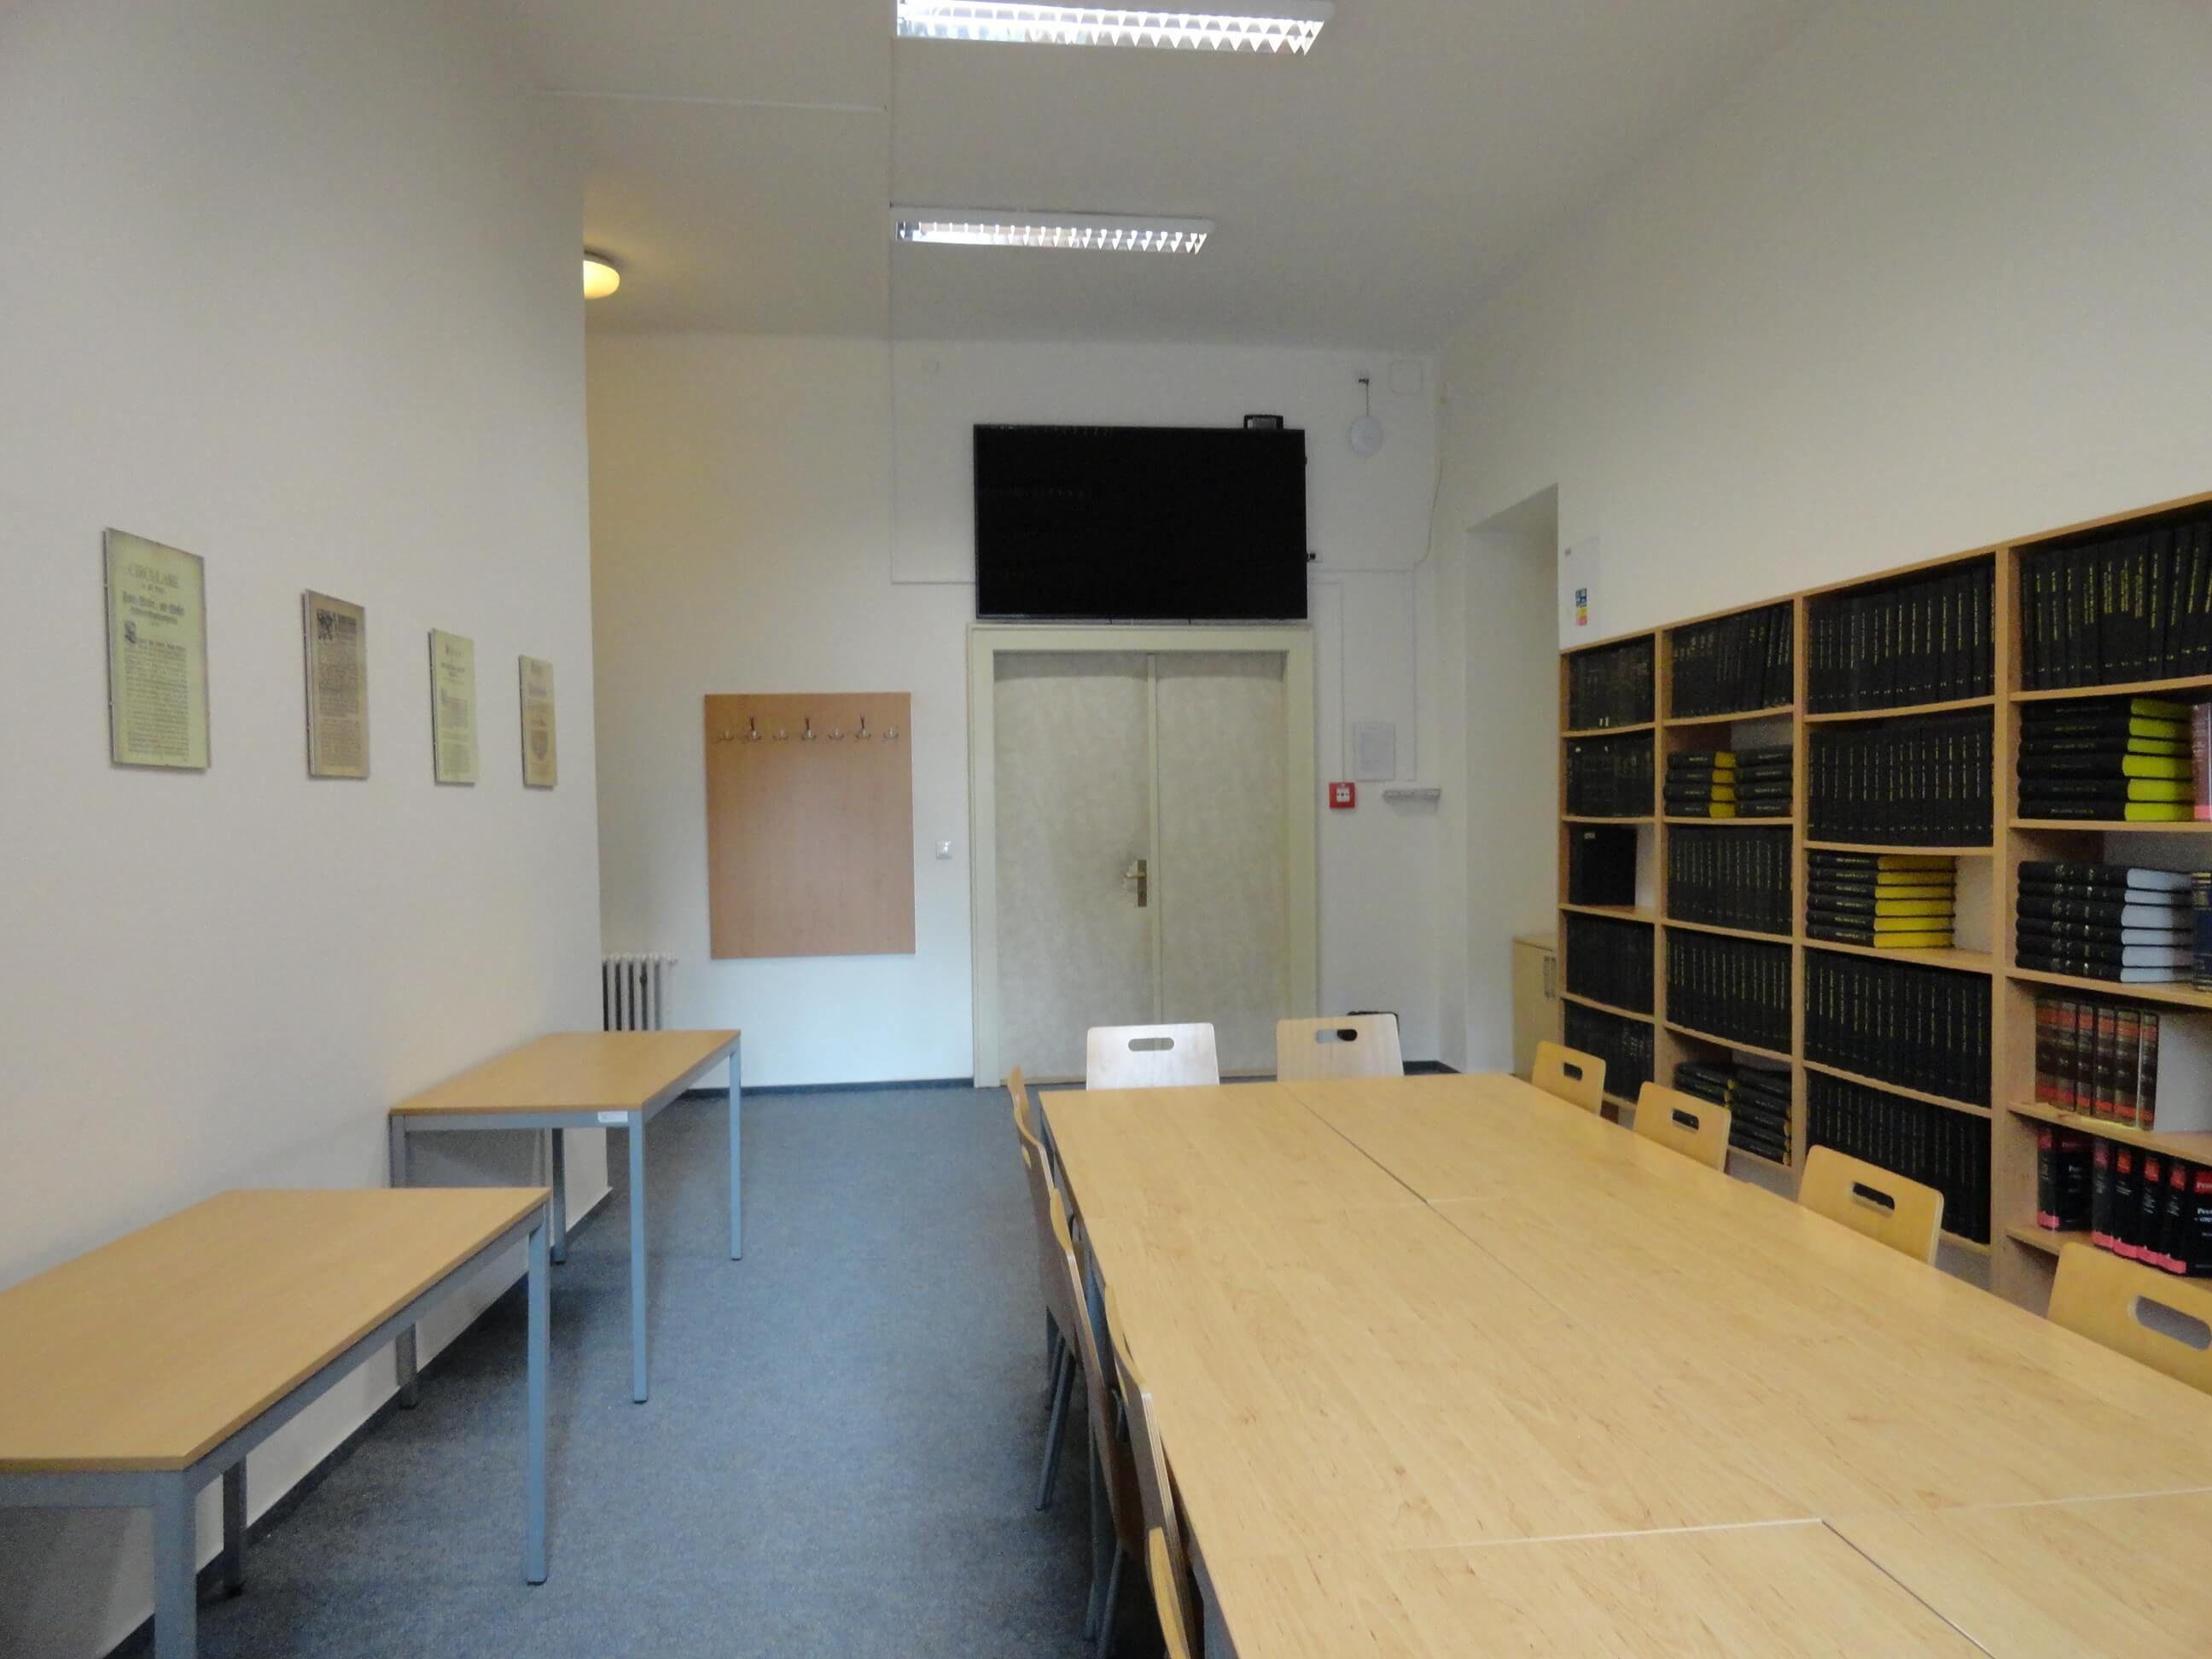 Team study room